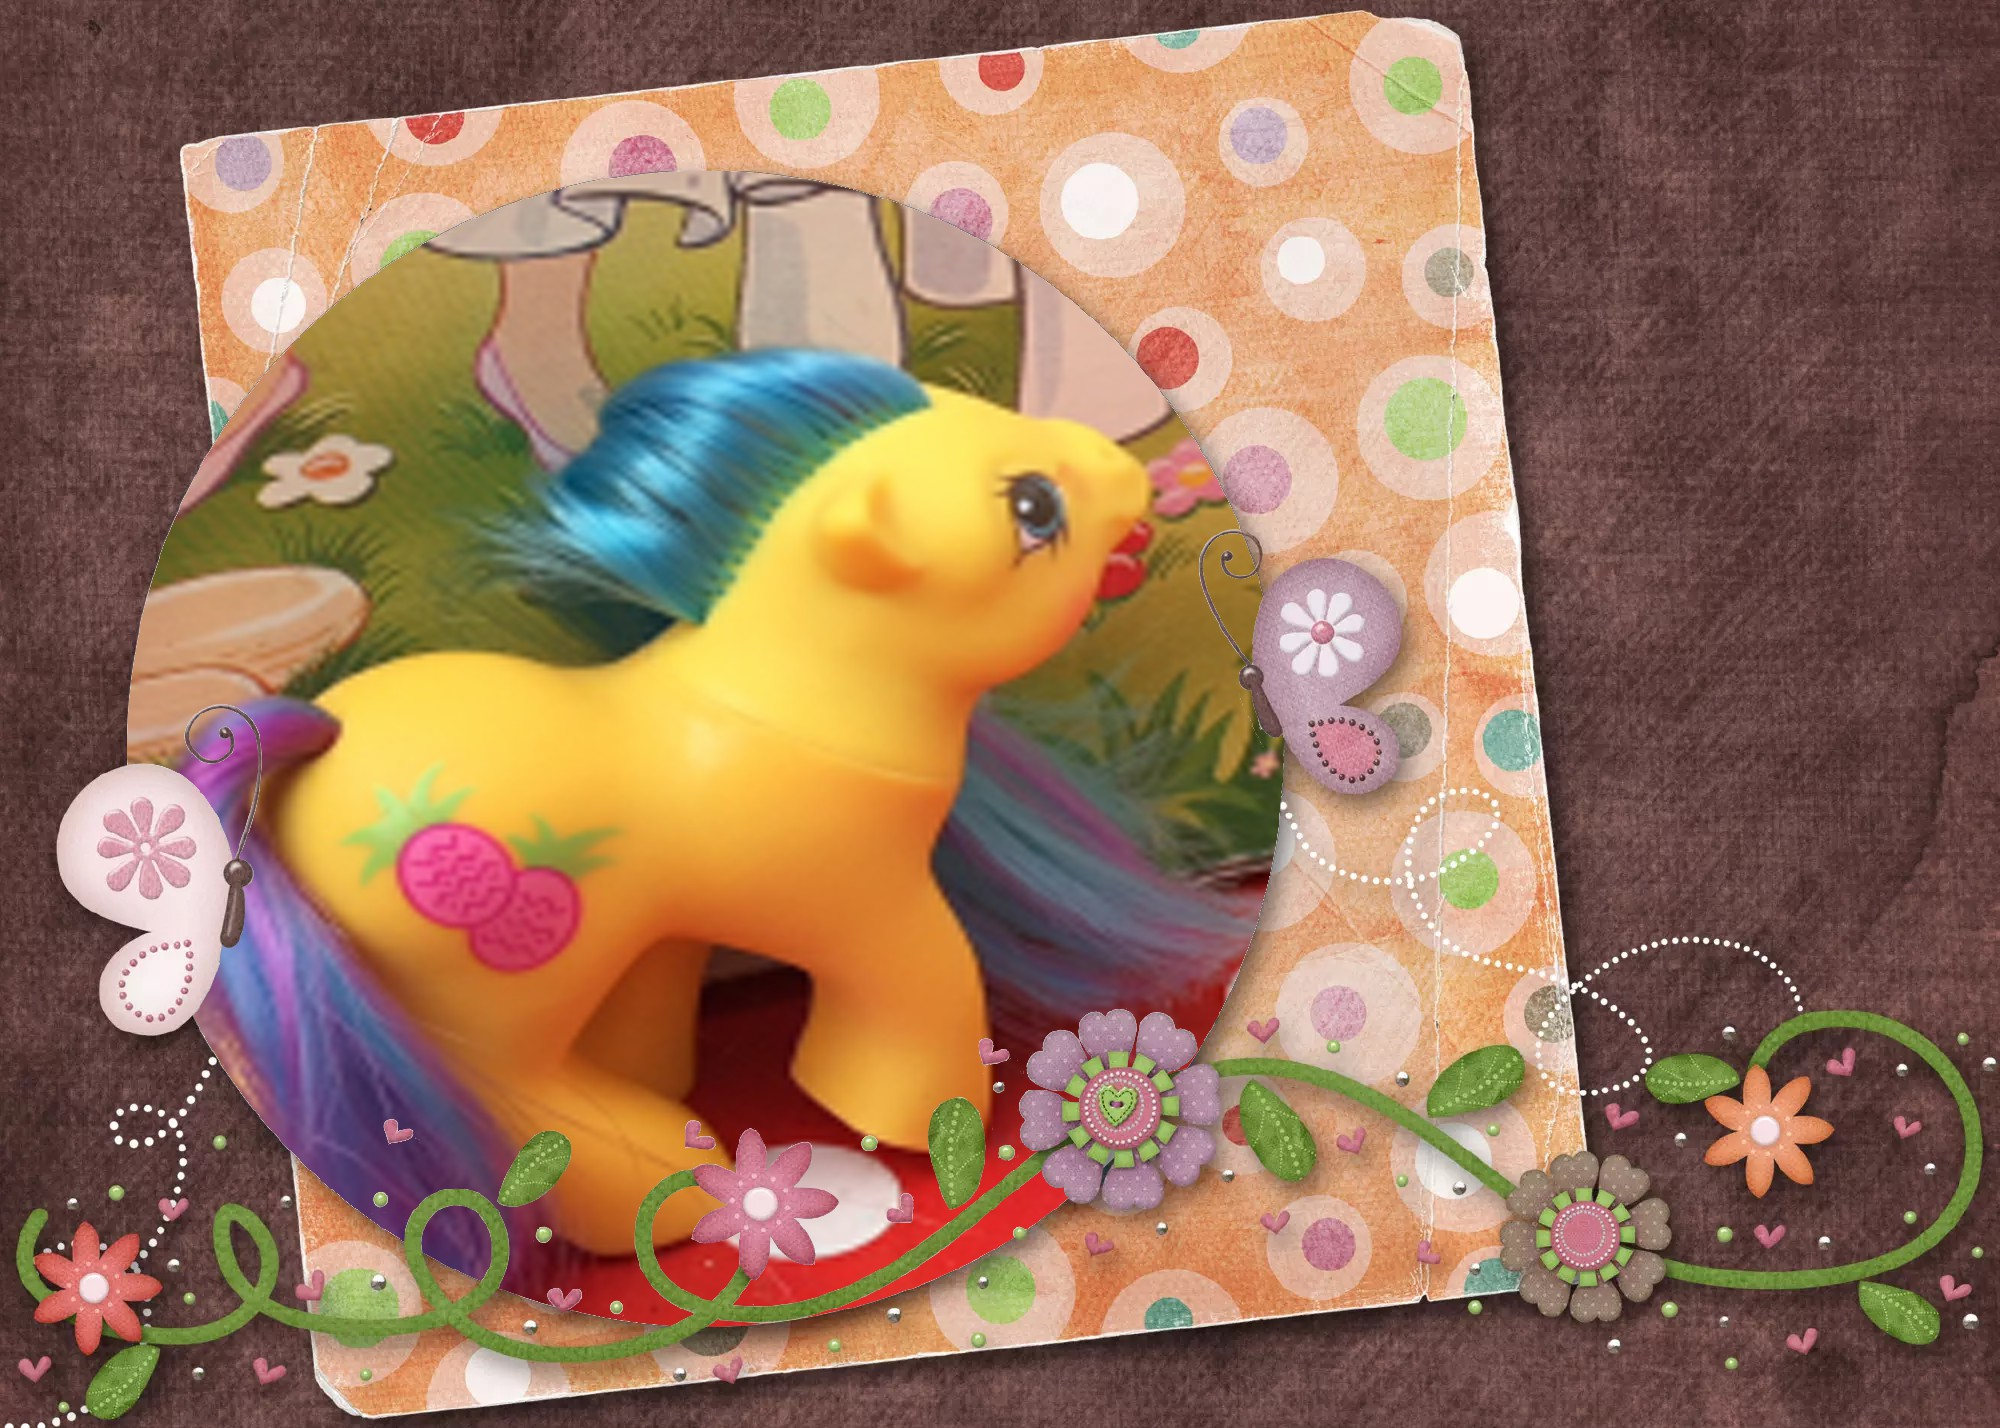 Ponies Paradis Ponies L'atelier Des L'atelier Des Chats Paradis zVpMqSU